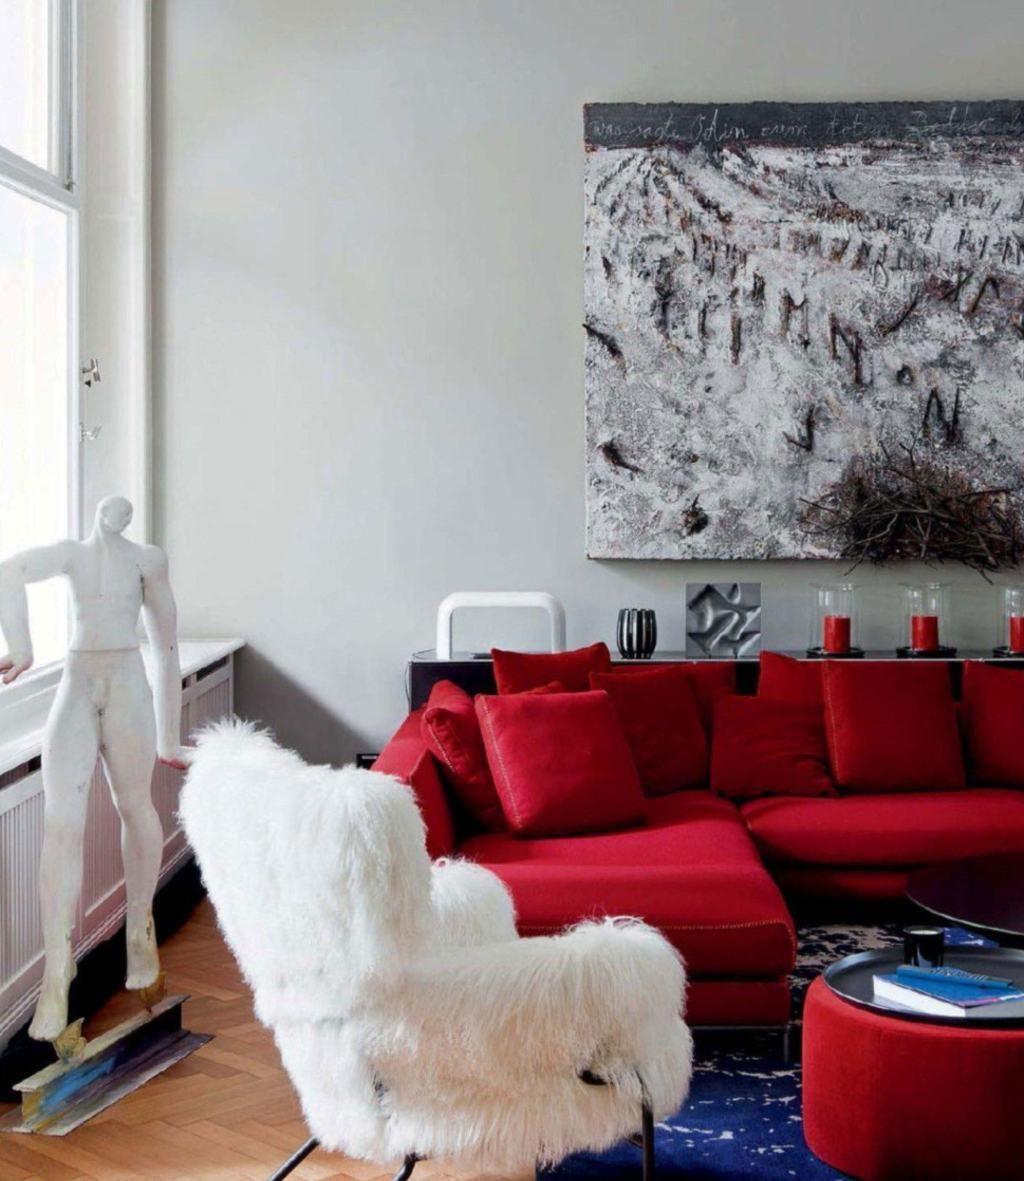 60 Zimmer Mit Roten Sofas   Fotos U0026 Inspirationen #wohnzimmer #braun #grau #